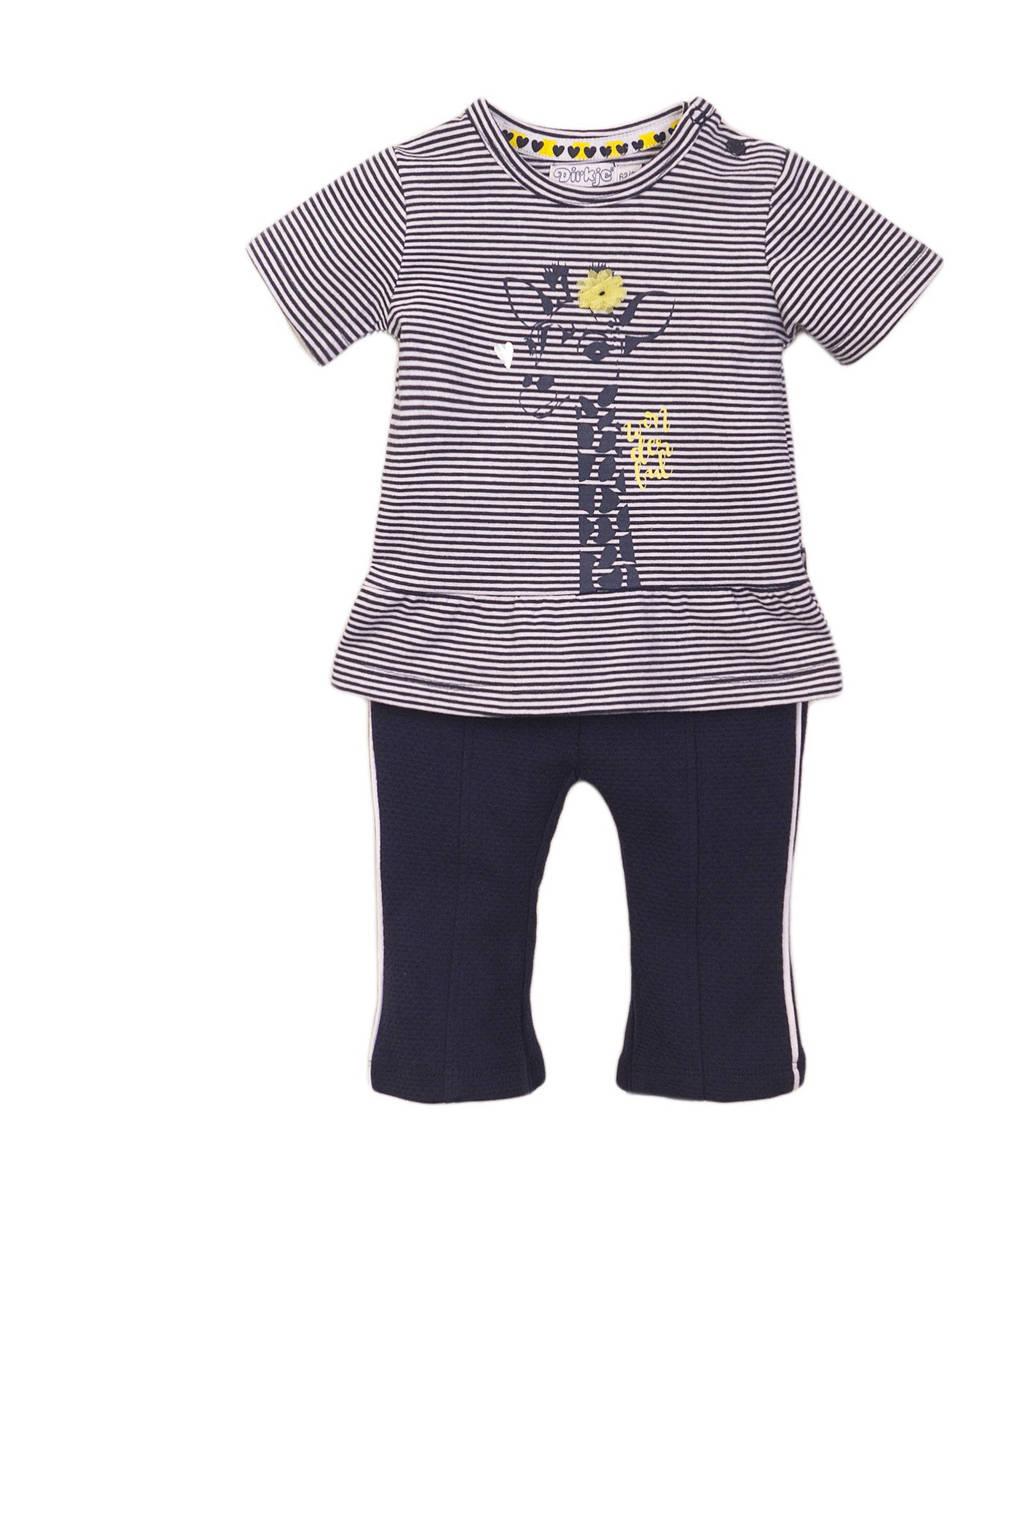 Dirkje newborn baby T-shirt + broek wit/geel/donkerblauw, Donkerblauw/geel/wit